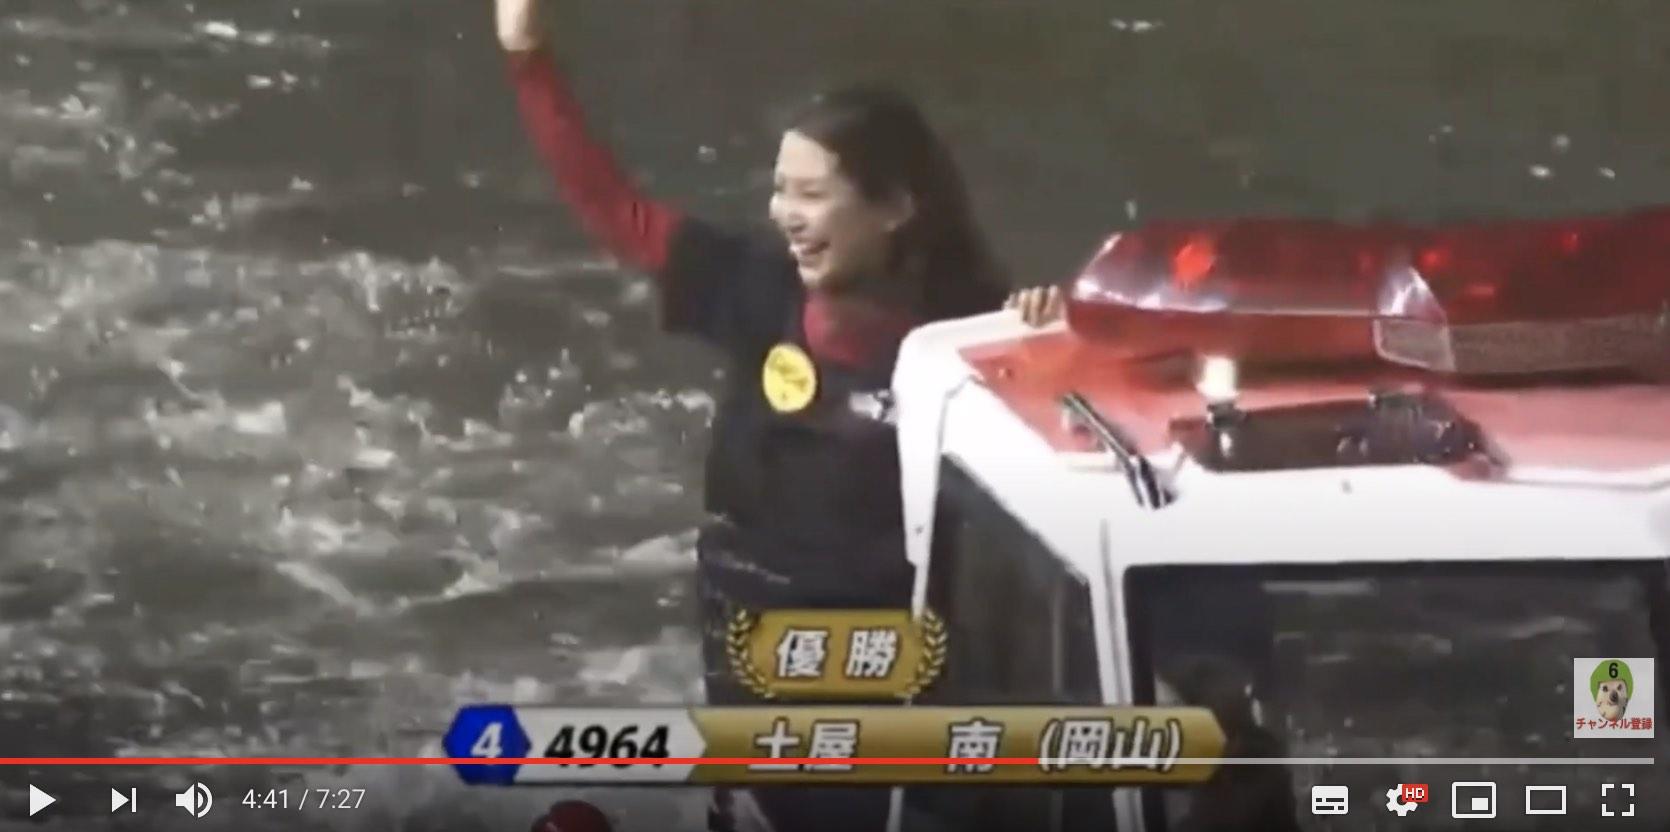 アイドルボートレーサー土屋南の初優勝レース映像